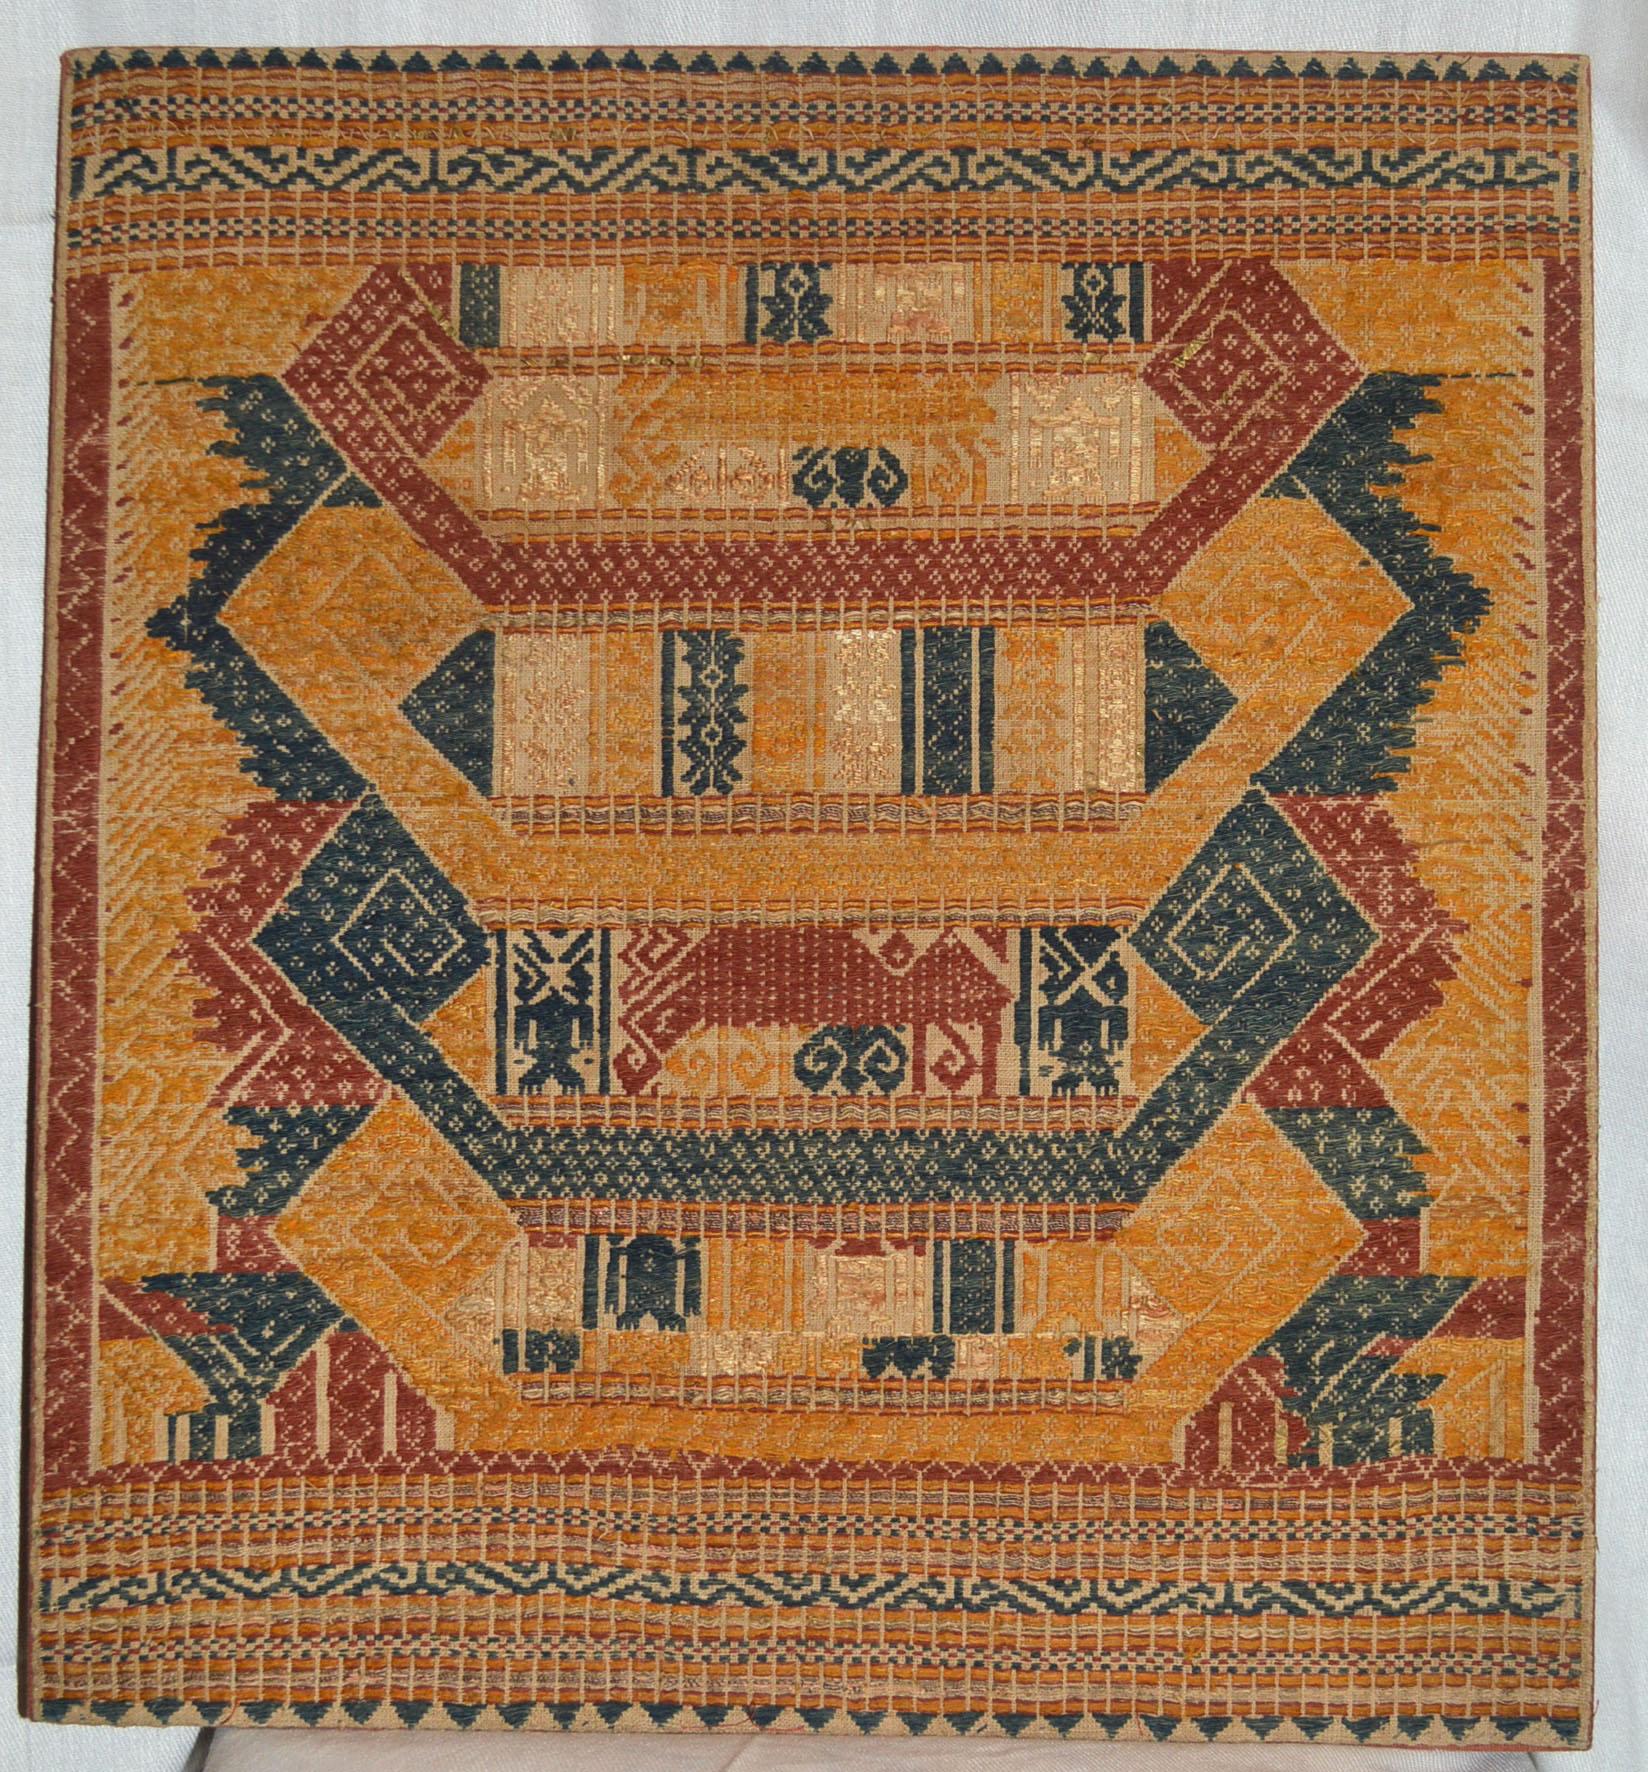 Tampan Textile panel Lampung Sumatra